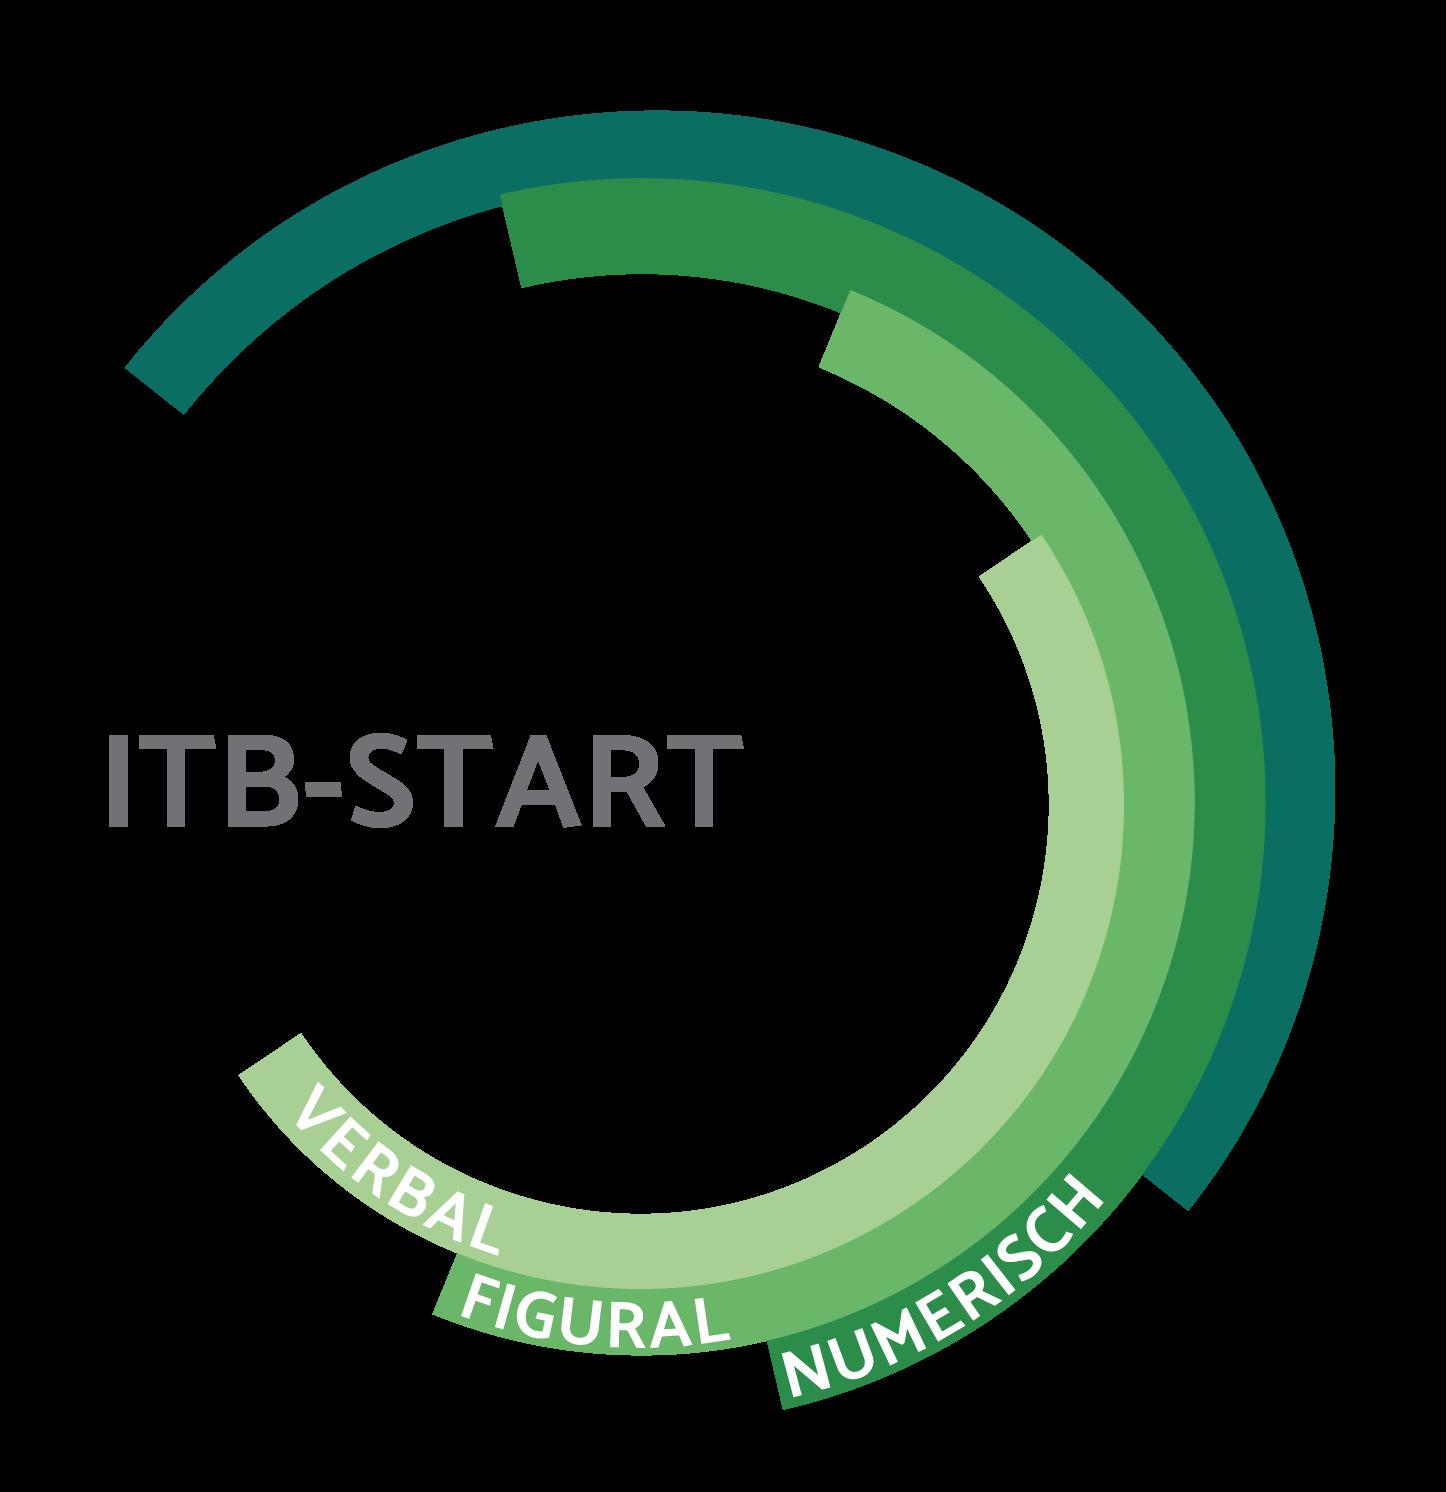 Module des Fähigkeitstests ITB-START setzen sich aus verbalen, figuralen und numerischen Elementen zusammen